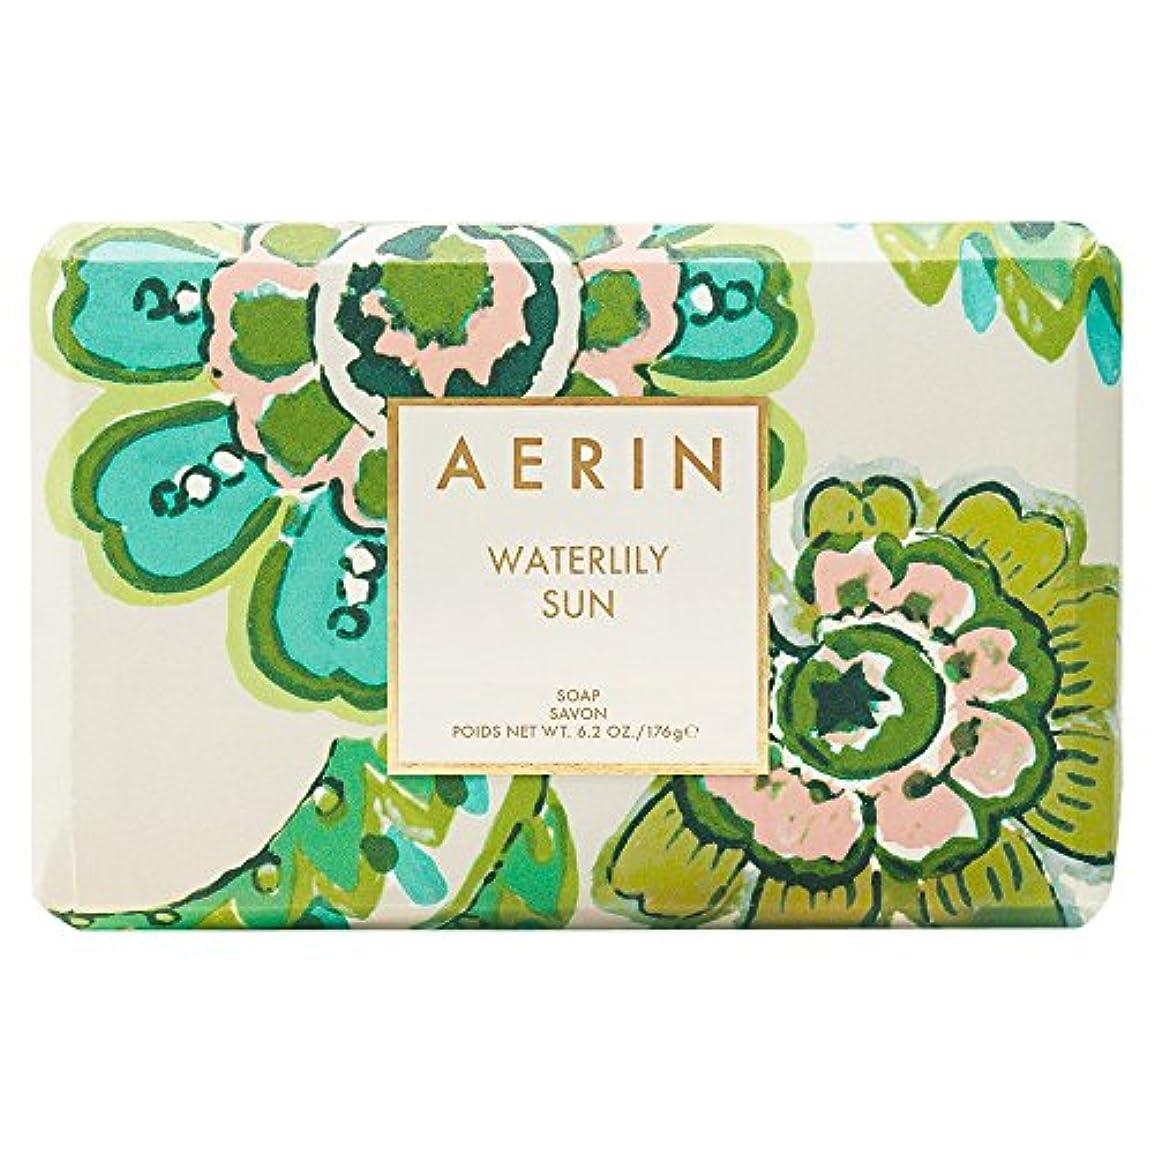 驚絶対に明確なAerinスイレン日石鹸176グラム (AERIN) (x6) - AERIN Waterlily Sun Soap 176g (Pack of 6) [並行輸入品]